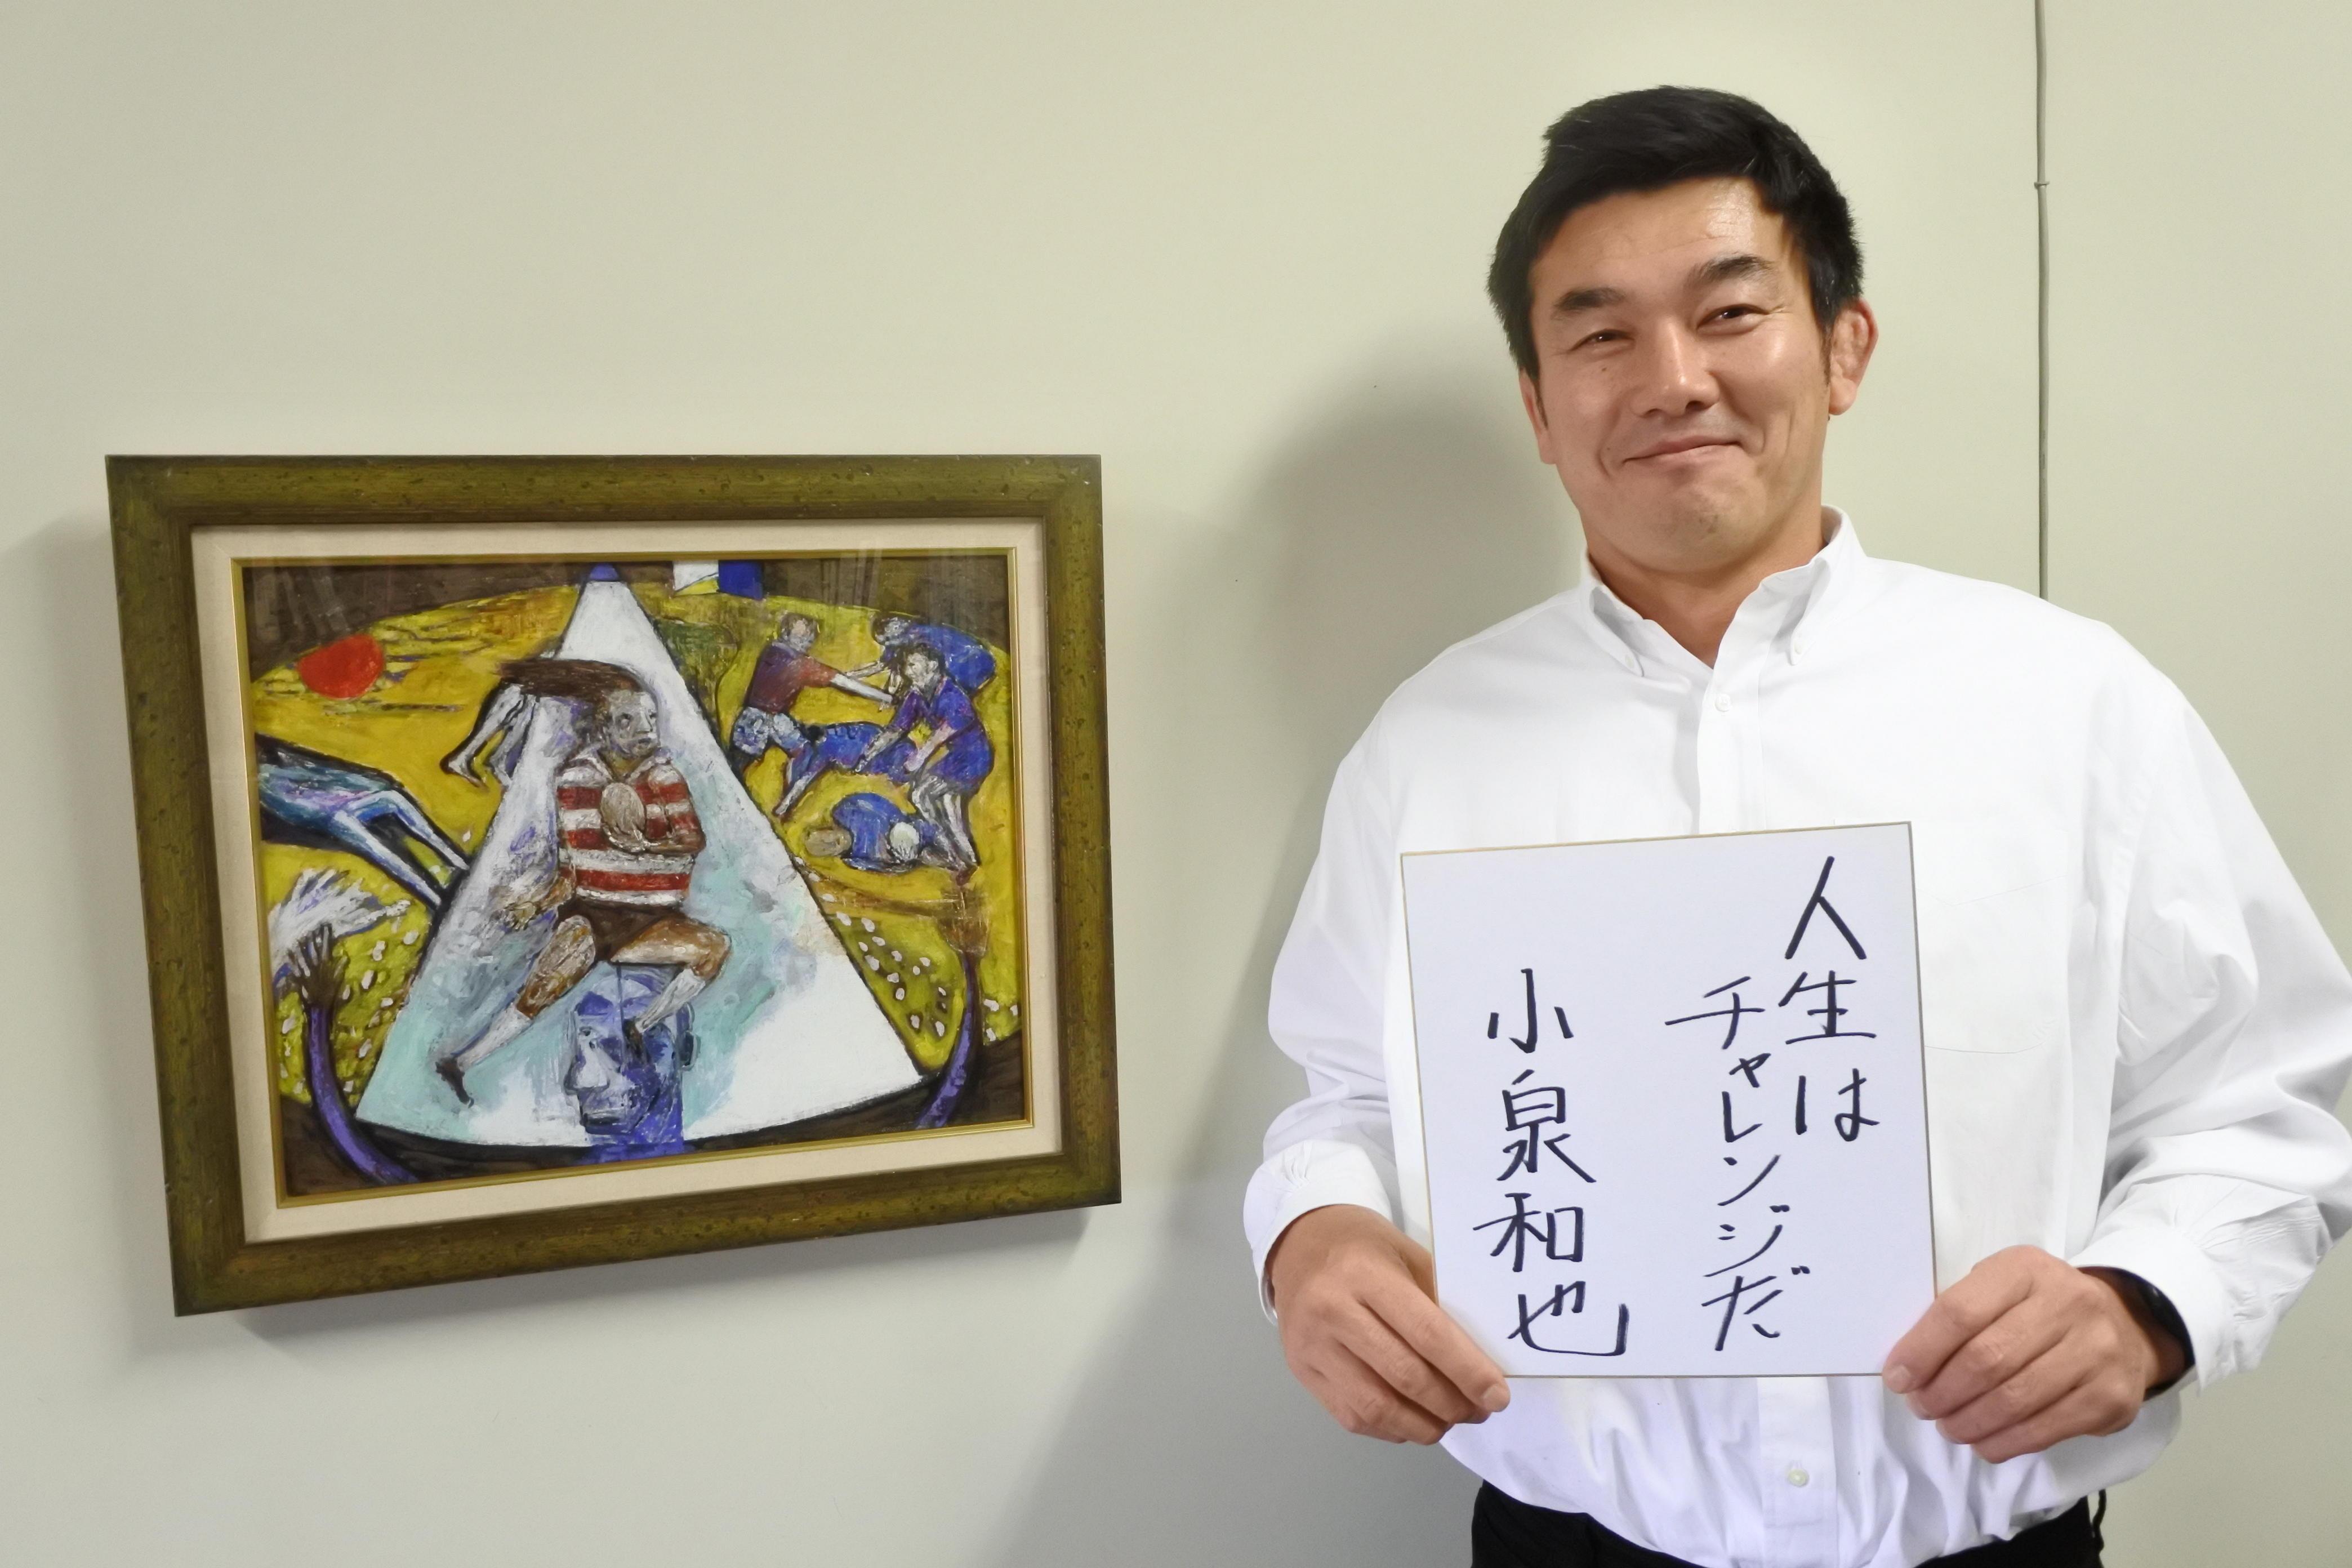 座右の銘を書いた色紙を手にする小泉和也准教授(左は本学卒業生の田村勉さんの絵)